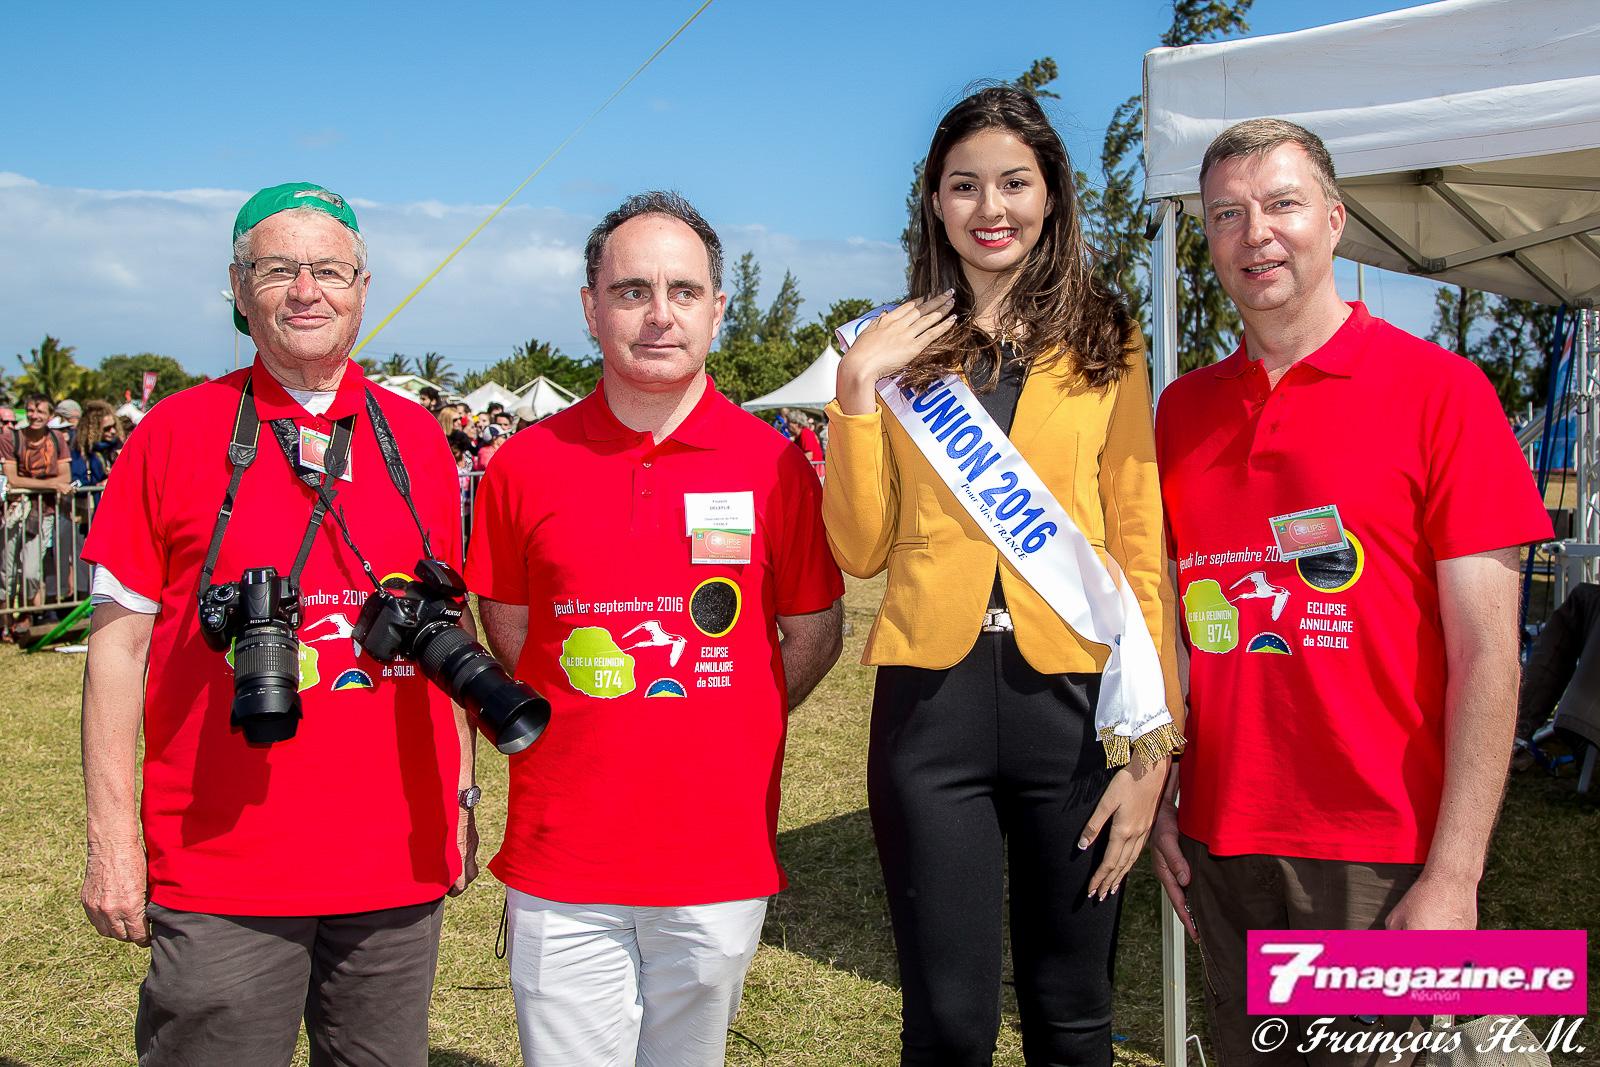 Michel Vignand, avec deux appareils photo svp, était fier d'accueillir Miss Réunion sur le site du Gol